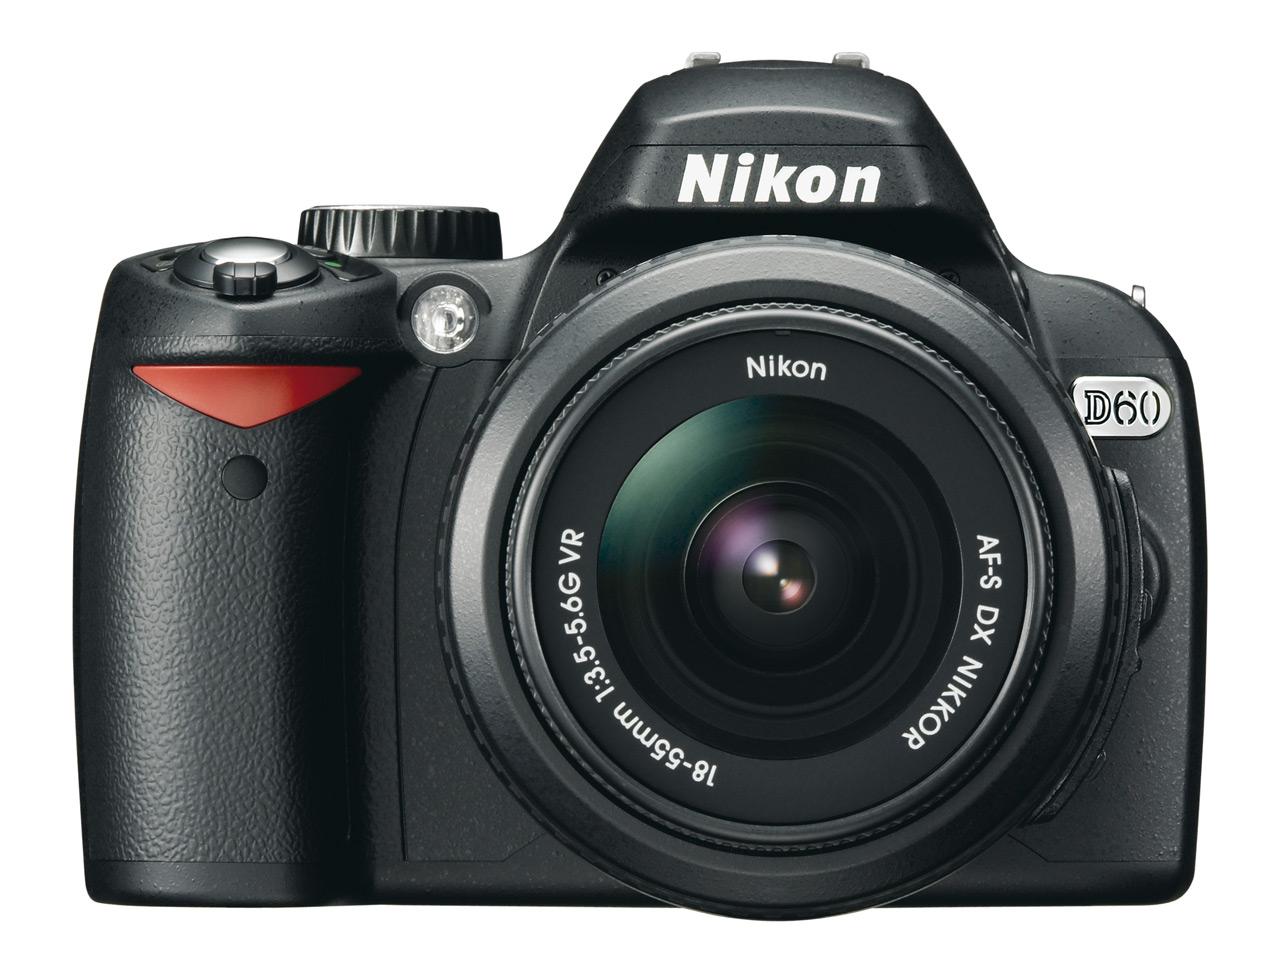 Nikon announces D60: Digital Photography Review